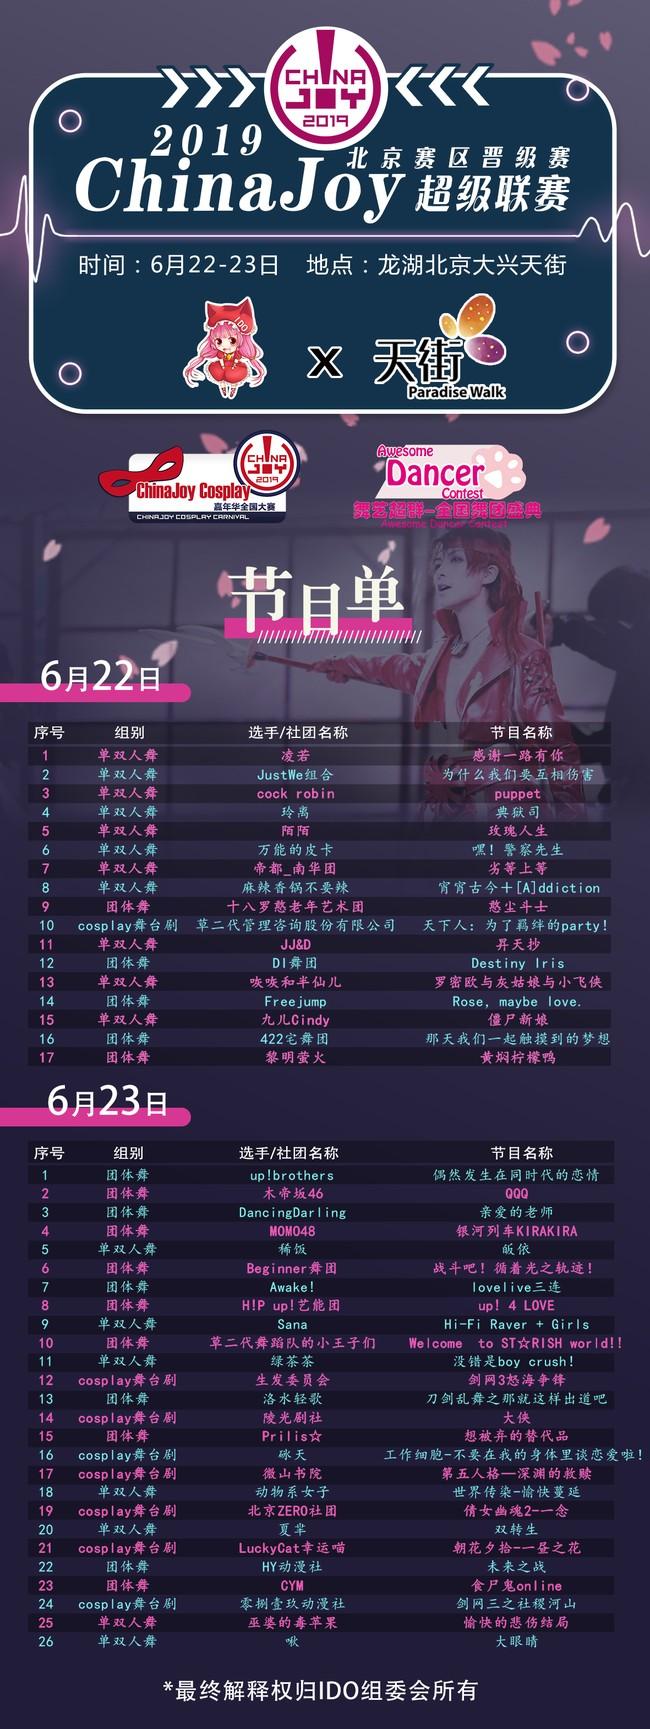 【IDO漫展×CJ】距CJ北京赛区晋级赛还有3天!大家准备好了吗?-ANICOGA